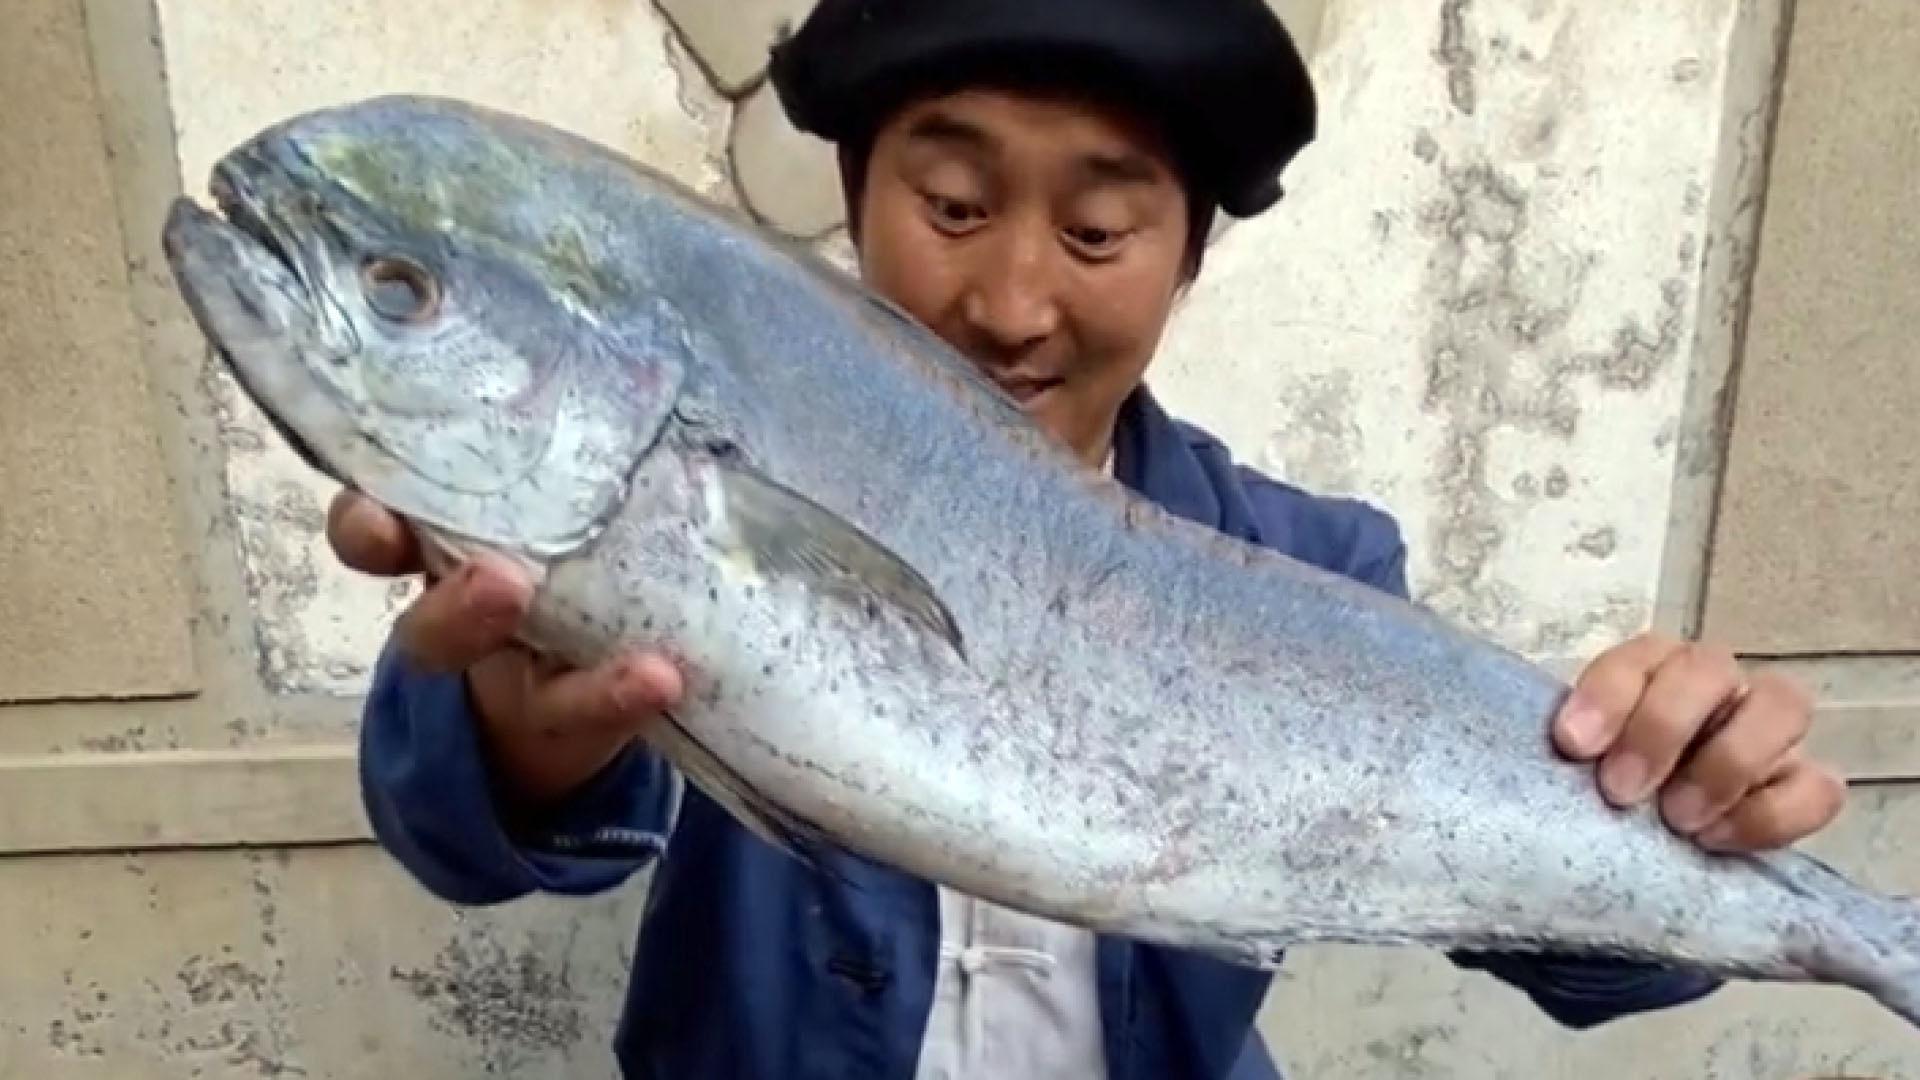 青岛小哥捡海鲜做美食网红,网友却在他身上看到陈佩斯的身影